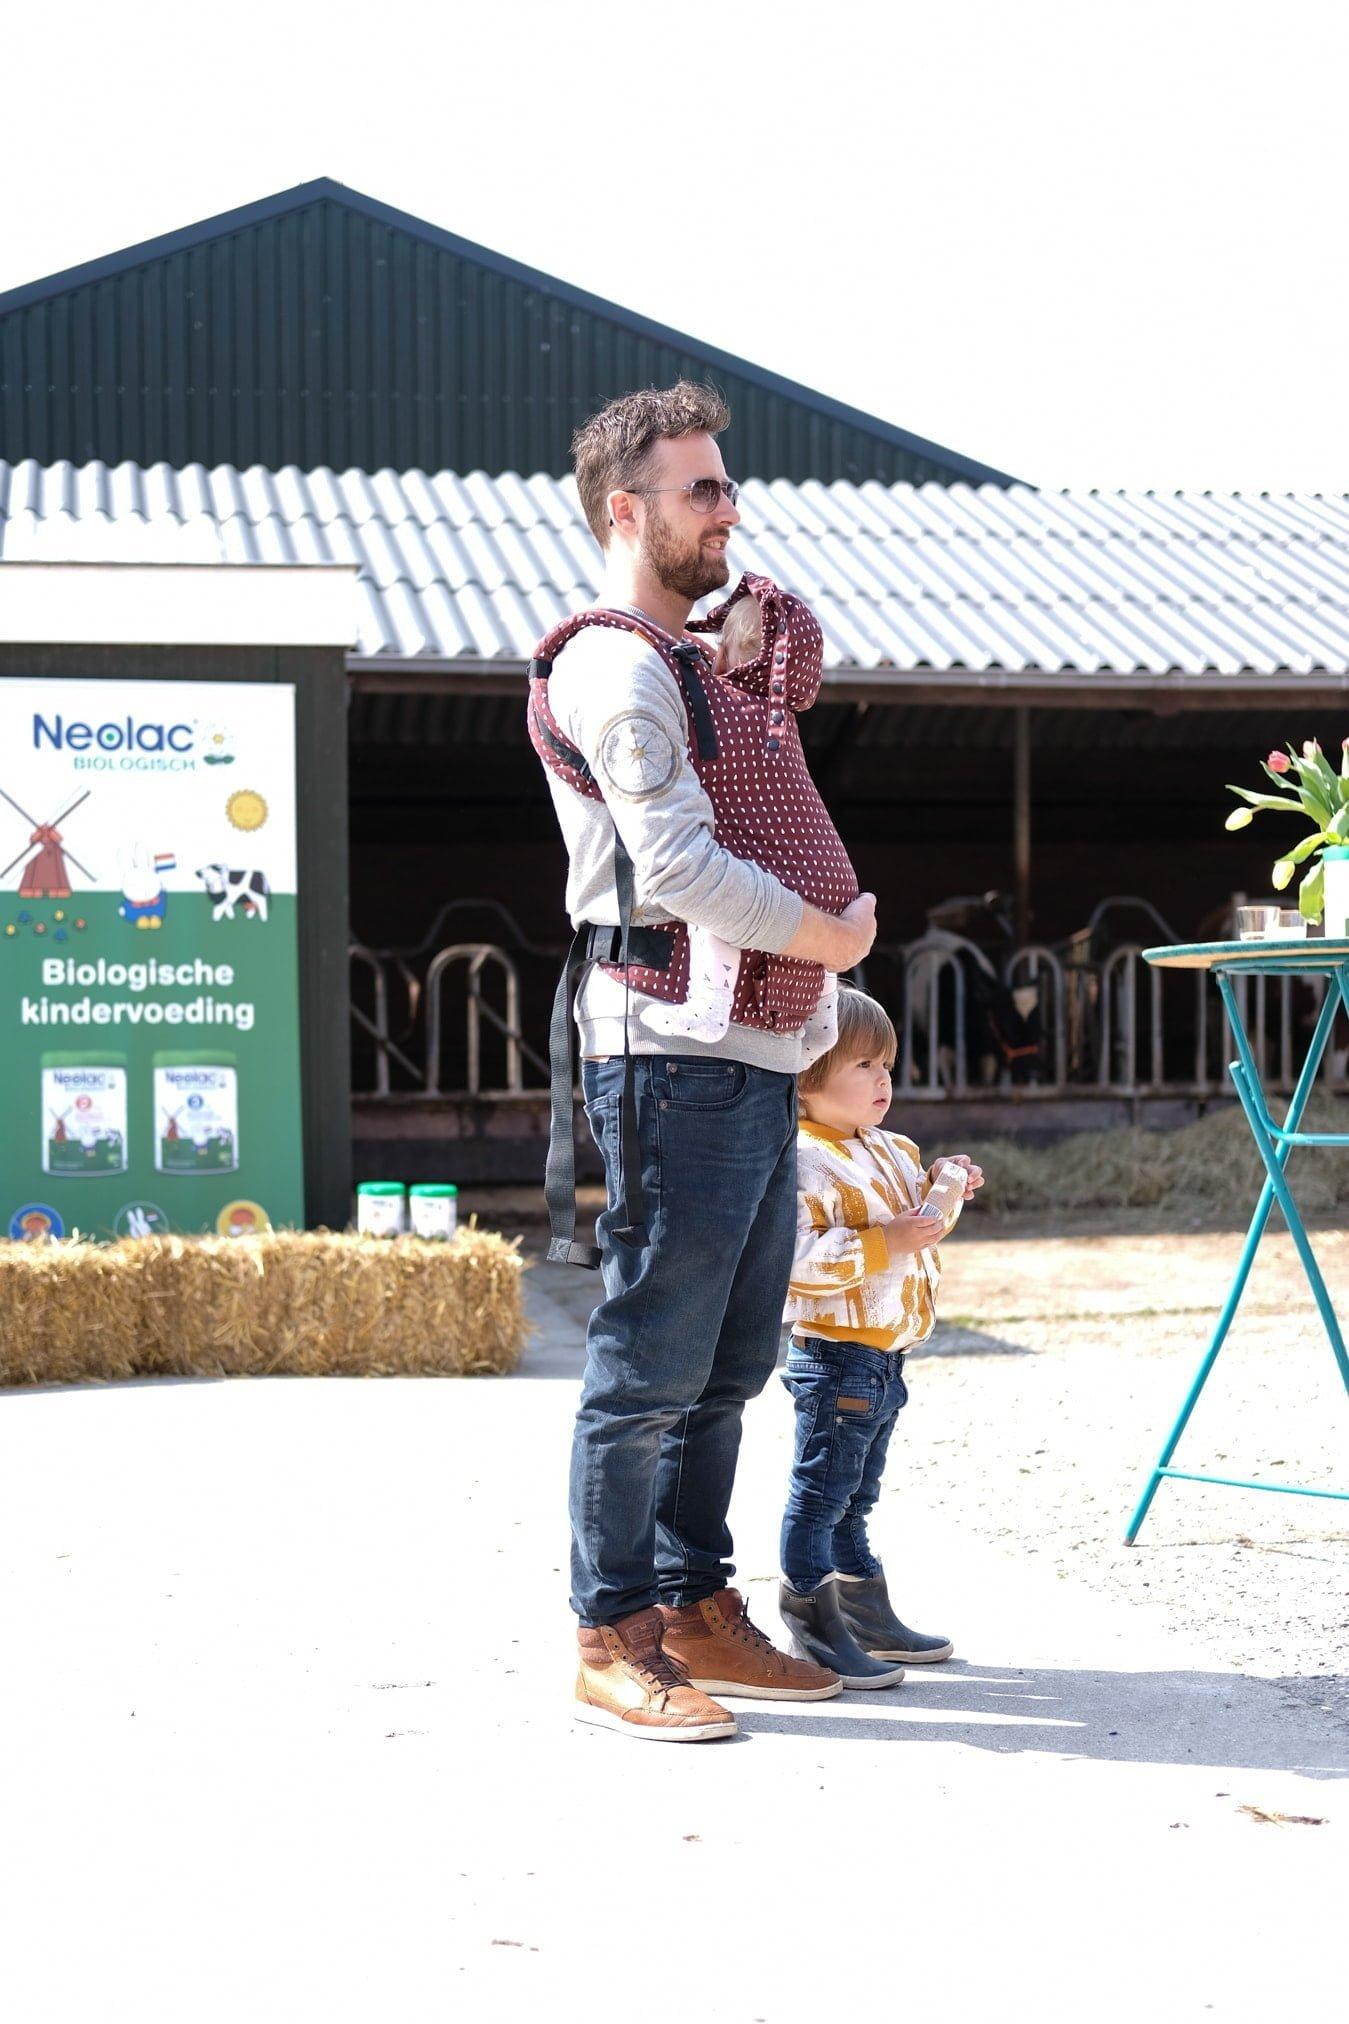 kijken op de duurzame boerderij